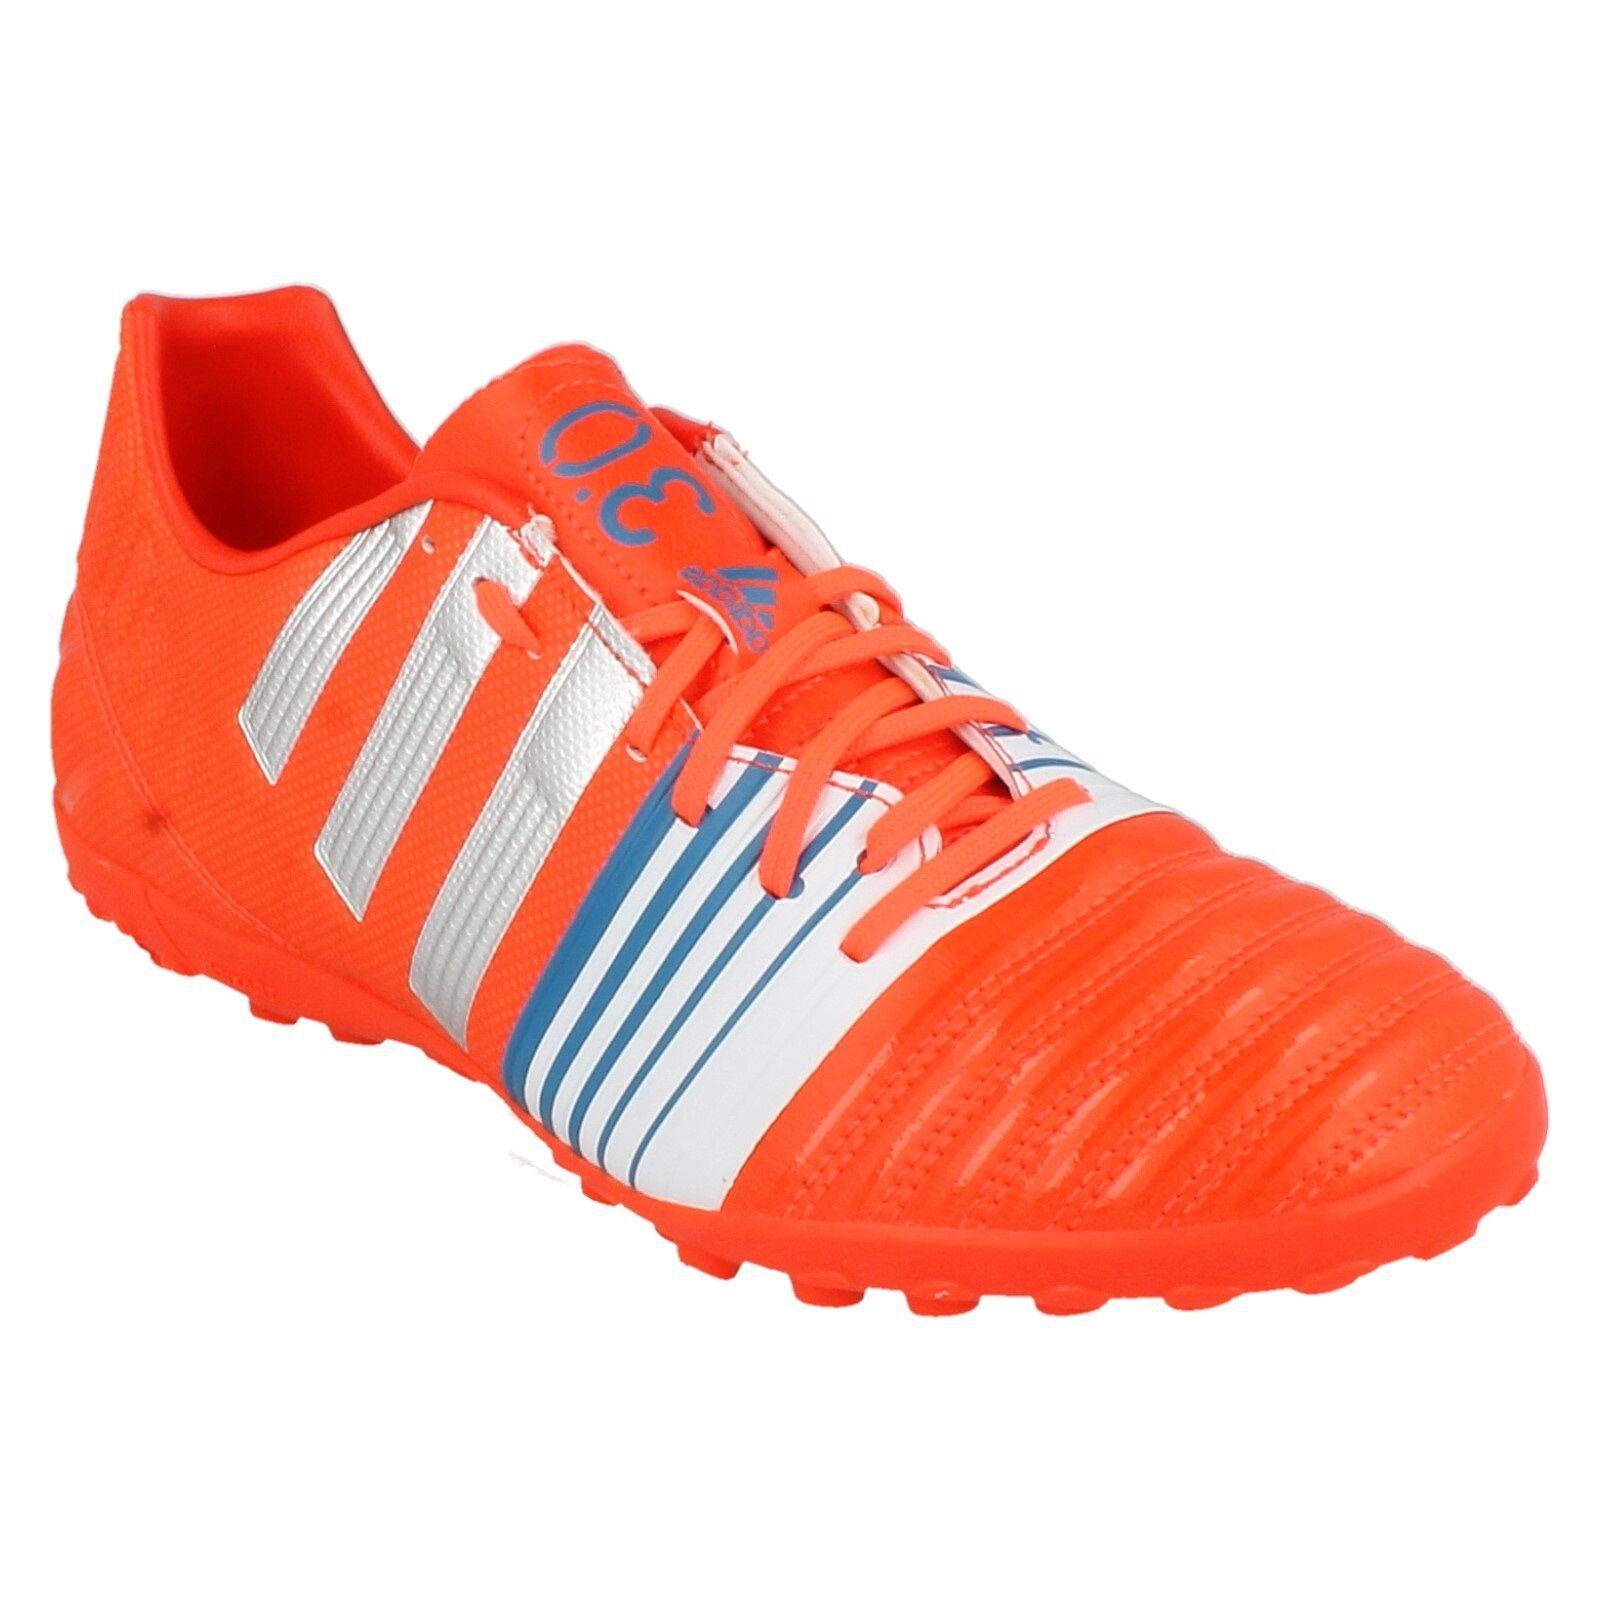 Hombre Nitrocharge 3.0 TF naranja cordones fútbol barato zapatillas deportivas Adidas barato fútbol y hermoso moda 5f0e55